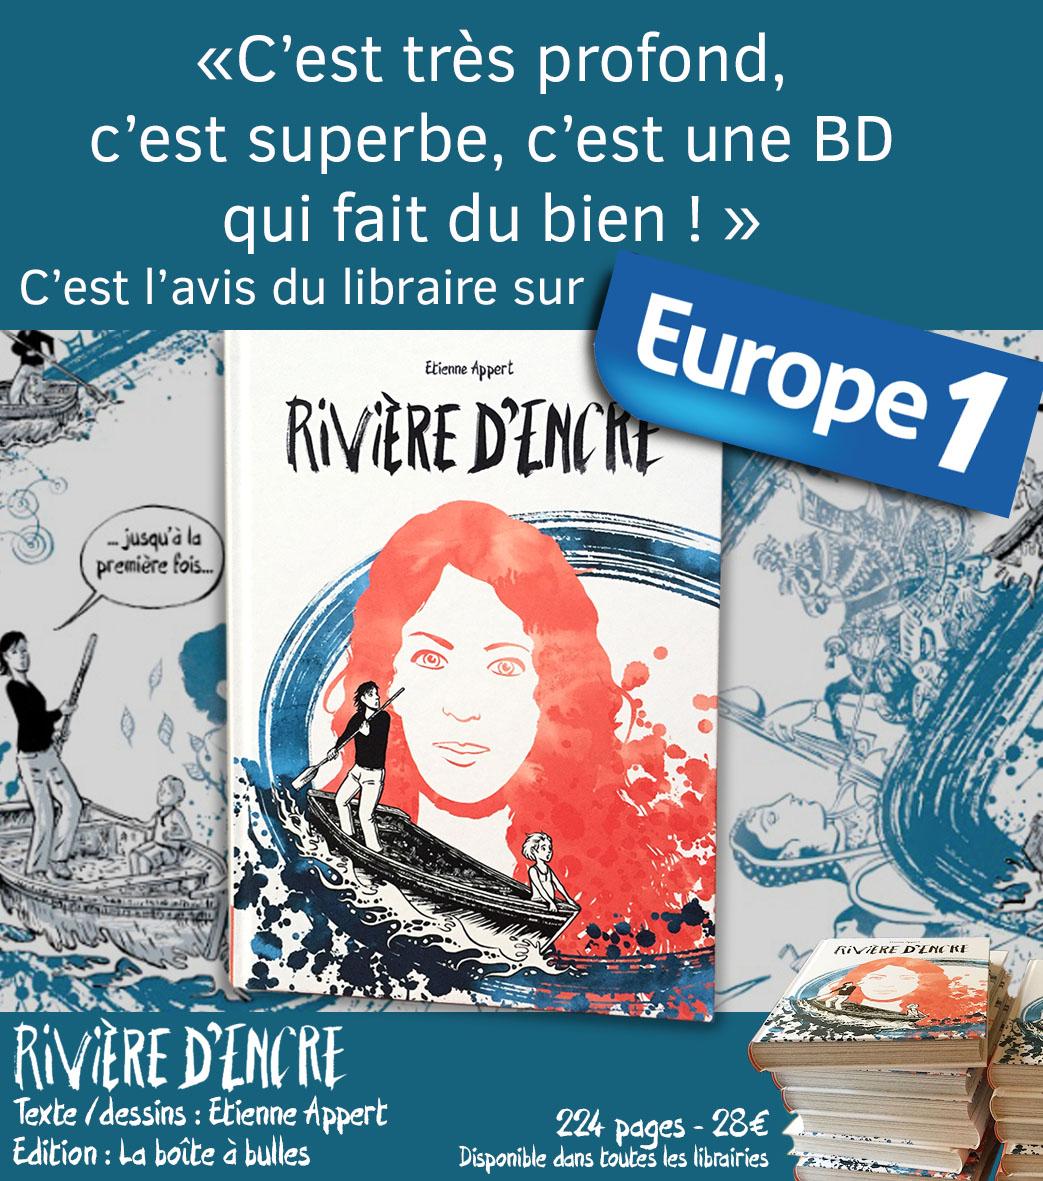 Rivieredencre Etienne Appert Europe 1